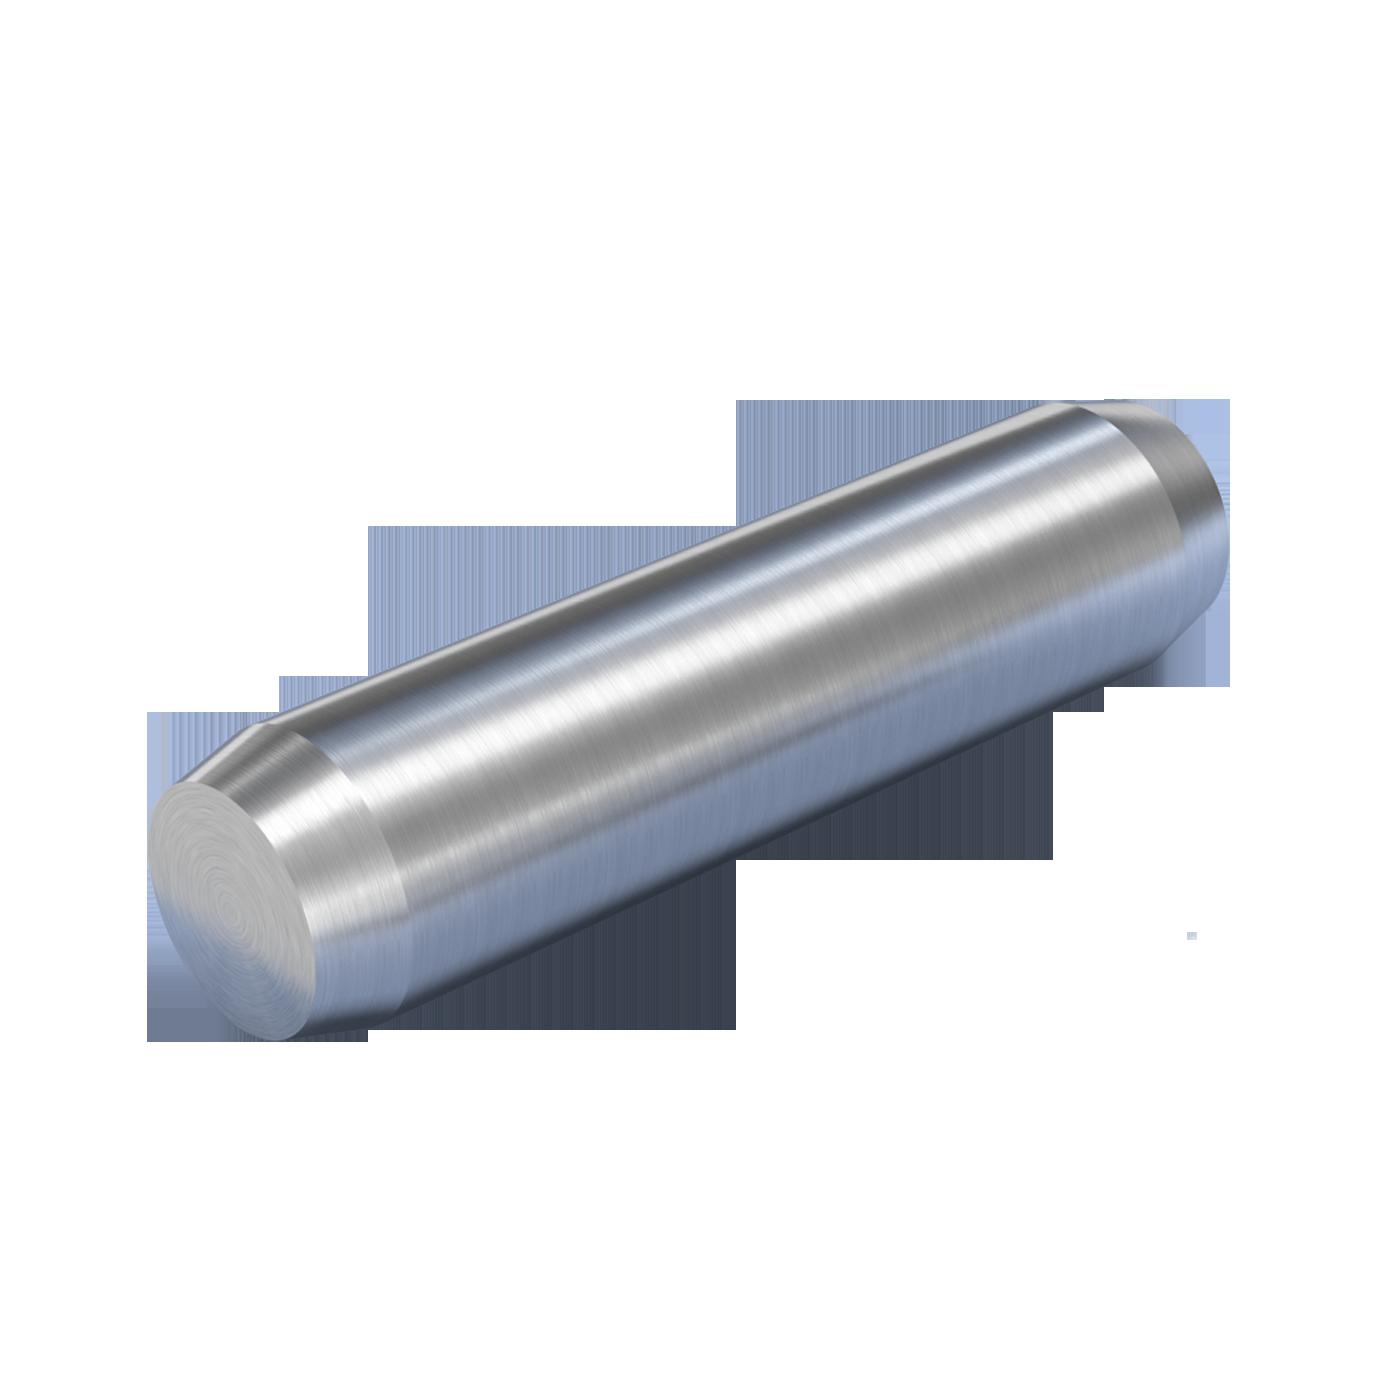 Zylinderstifte DIN EN ISO 2338 dienen der kraftschlüssigen lagesichernden Verbindung von Bauteilen. Geliefert werden die Teile aus ungehärtetem Stahl oder austenitischem nichtrostendem Stahl.